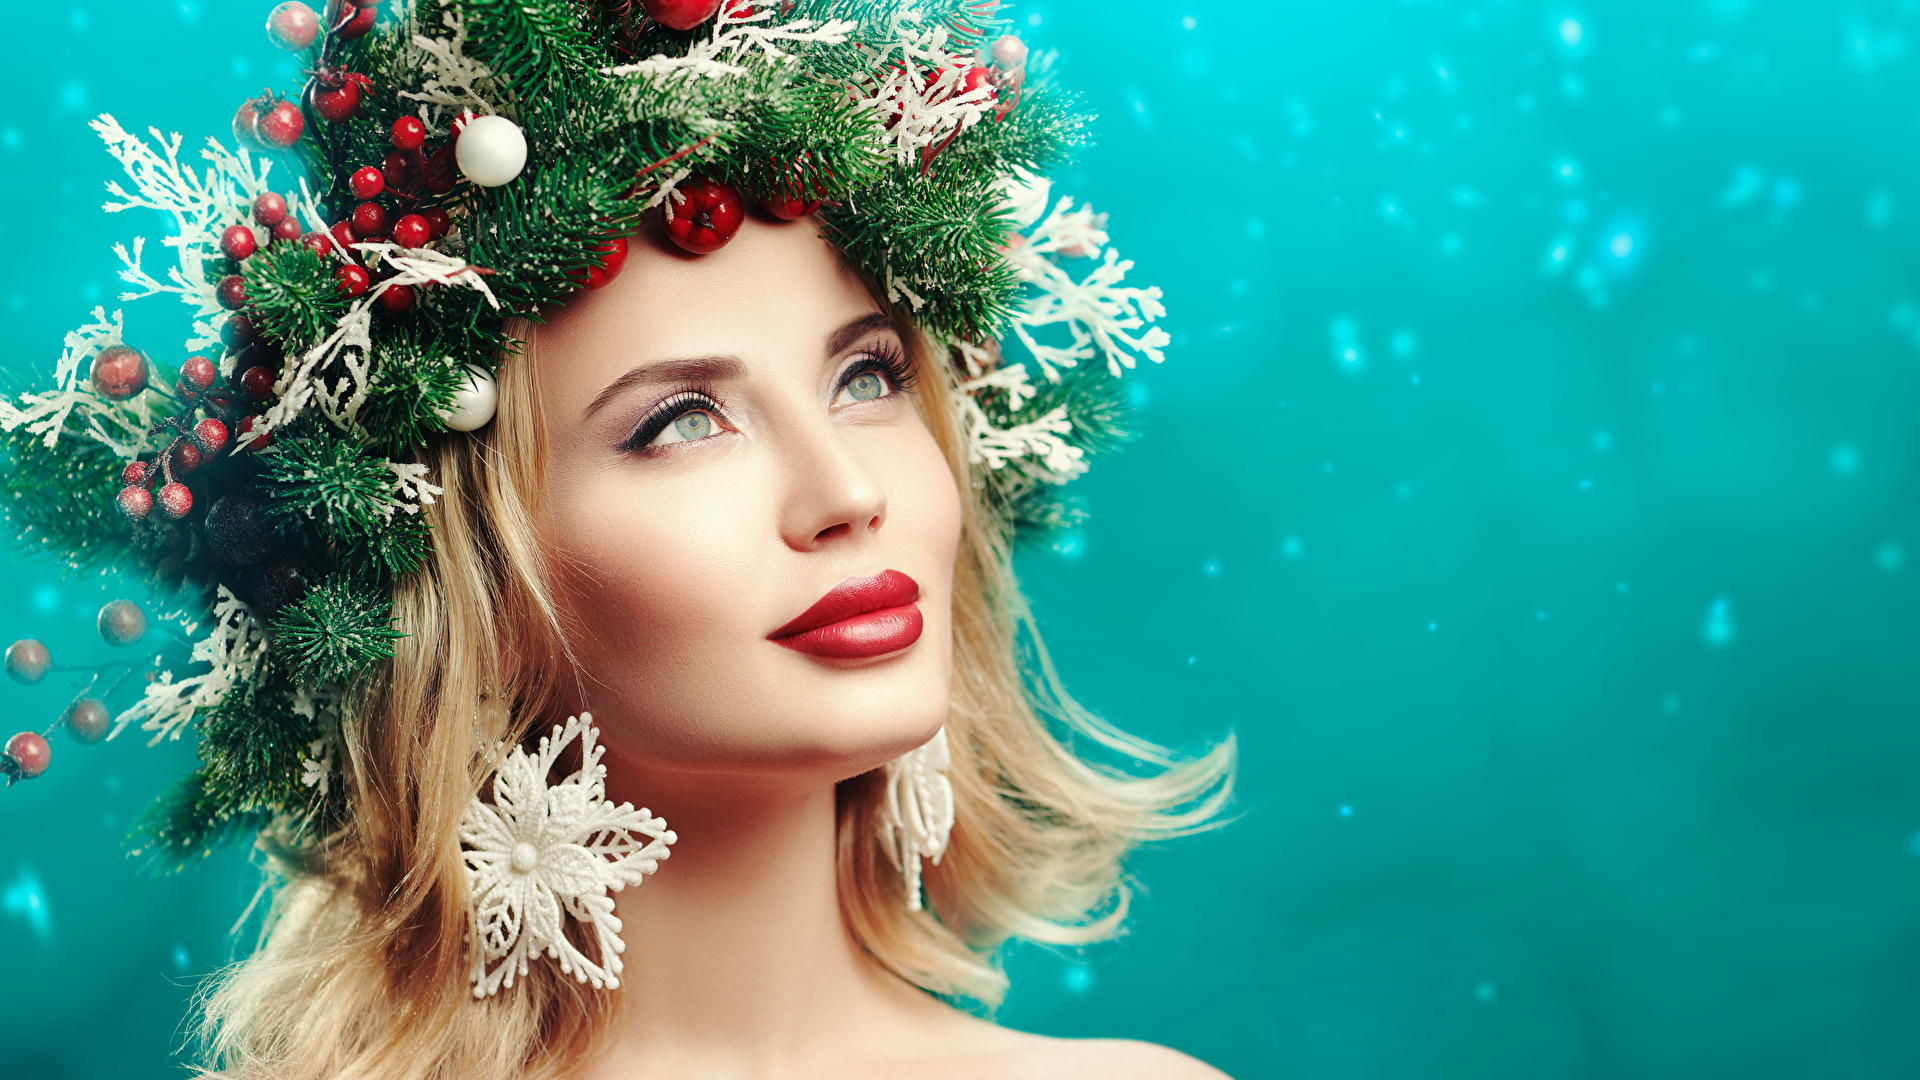 Fotos von Neujahr Blondine Model Make Up Gesicht junge Frauen originelle Ast Kugeln Blick Rote Lippen 1920x1080 Blond Mädchen Schminke Mädchens junge frau Kreativ kreative Starren